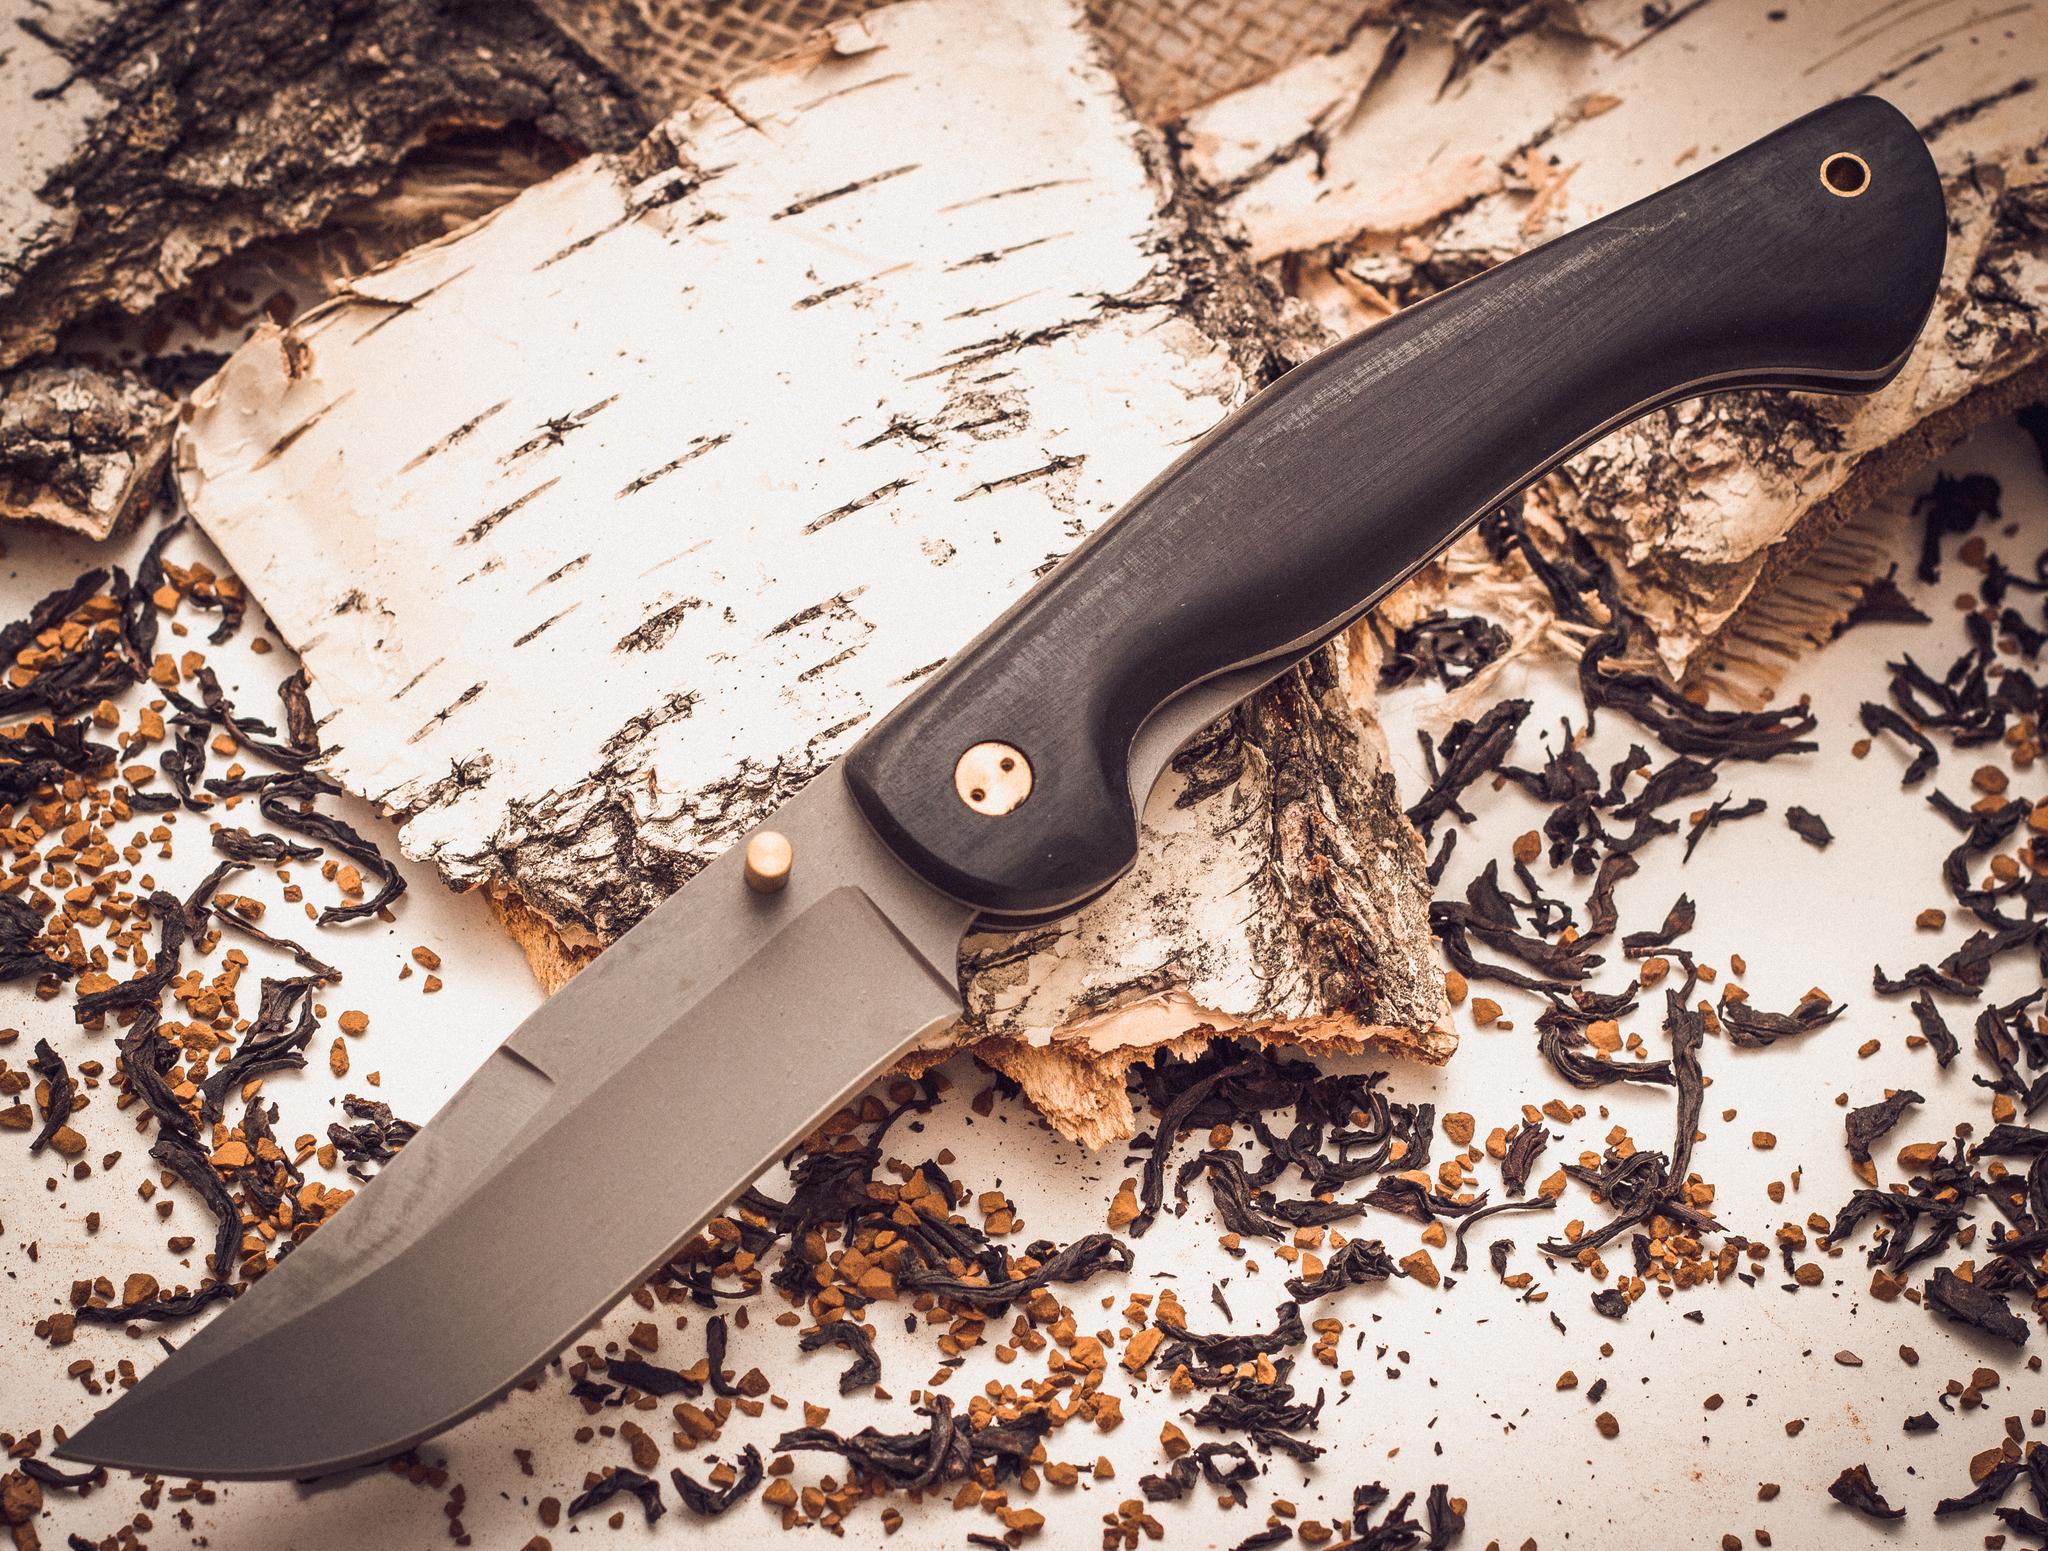 Складной нож Азиат, сталь 95х18, граб от Марычев